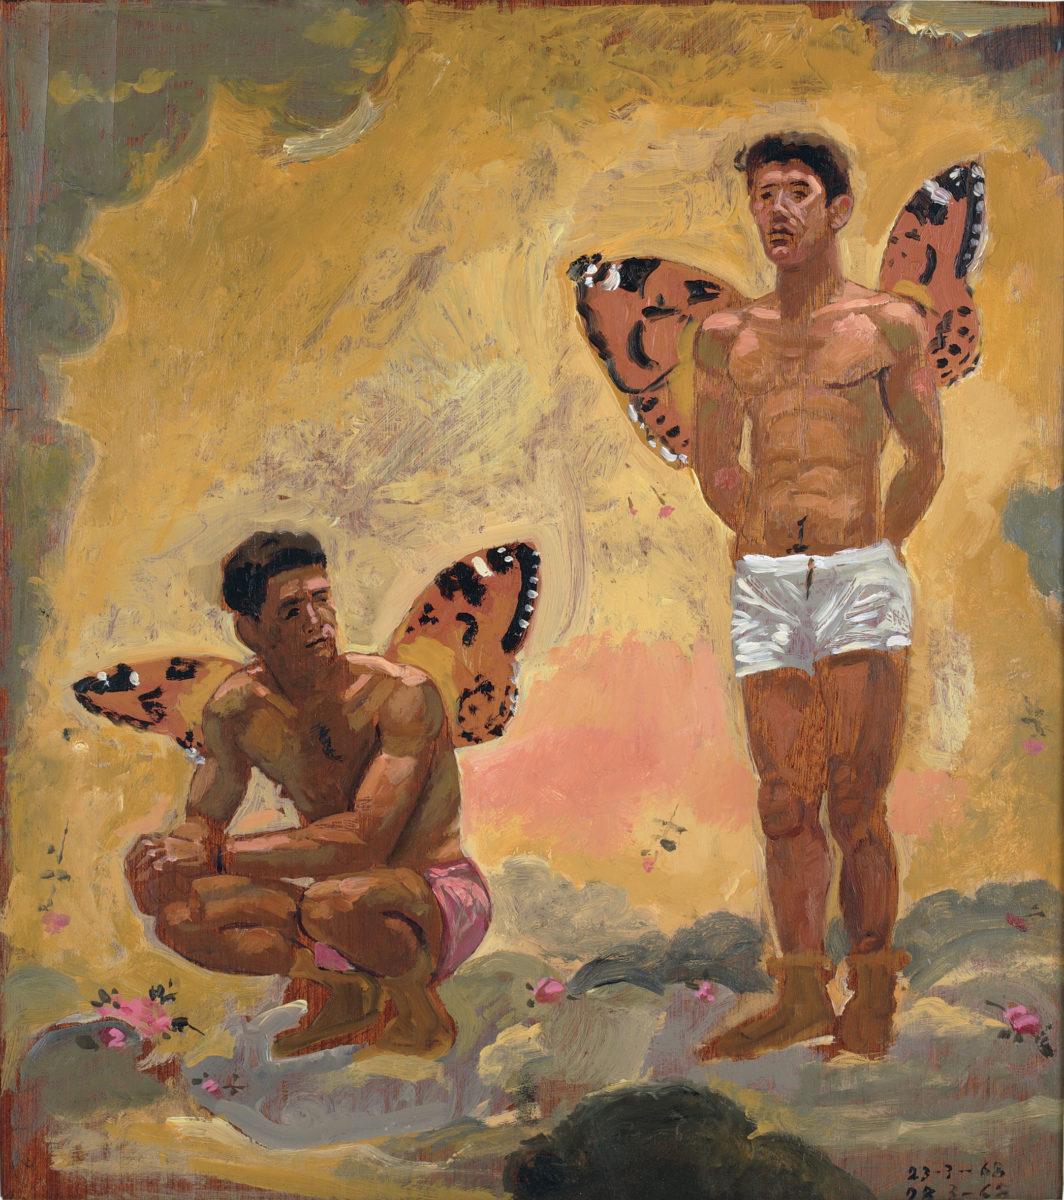 Γιάννης Τσαρούχης, «Δύο άνδρες με φτερά πεταλούδας», 1968. Λάδι σε καπλαμά, 44,5x39,4 εκ. Ίδρυμα Γιάννη Τσαρούχη, αρ. ευρ. 631.